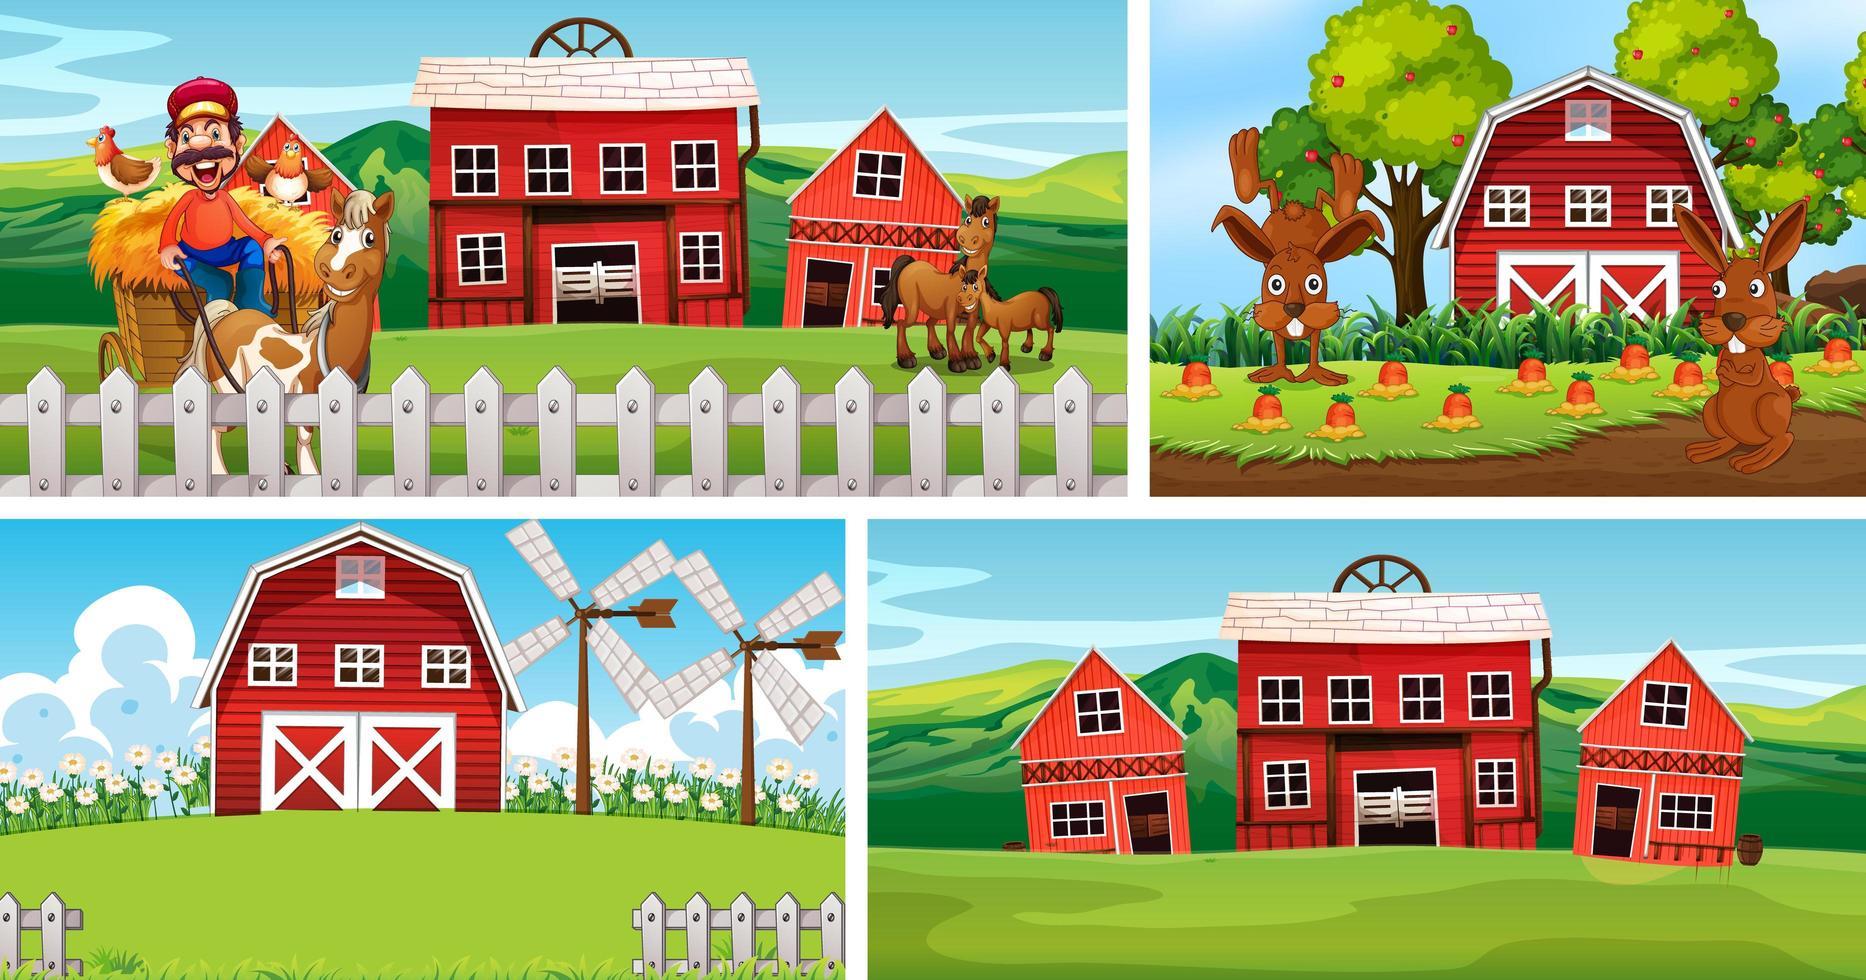 conjunto de diferentes escenas de la granja. vector